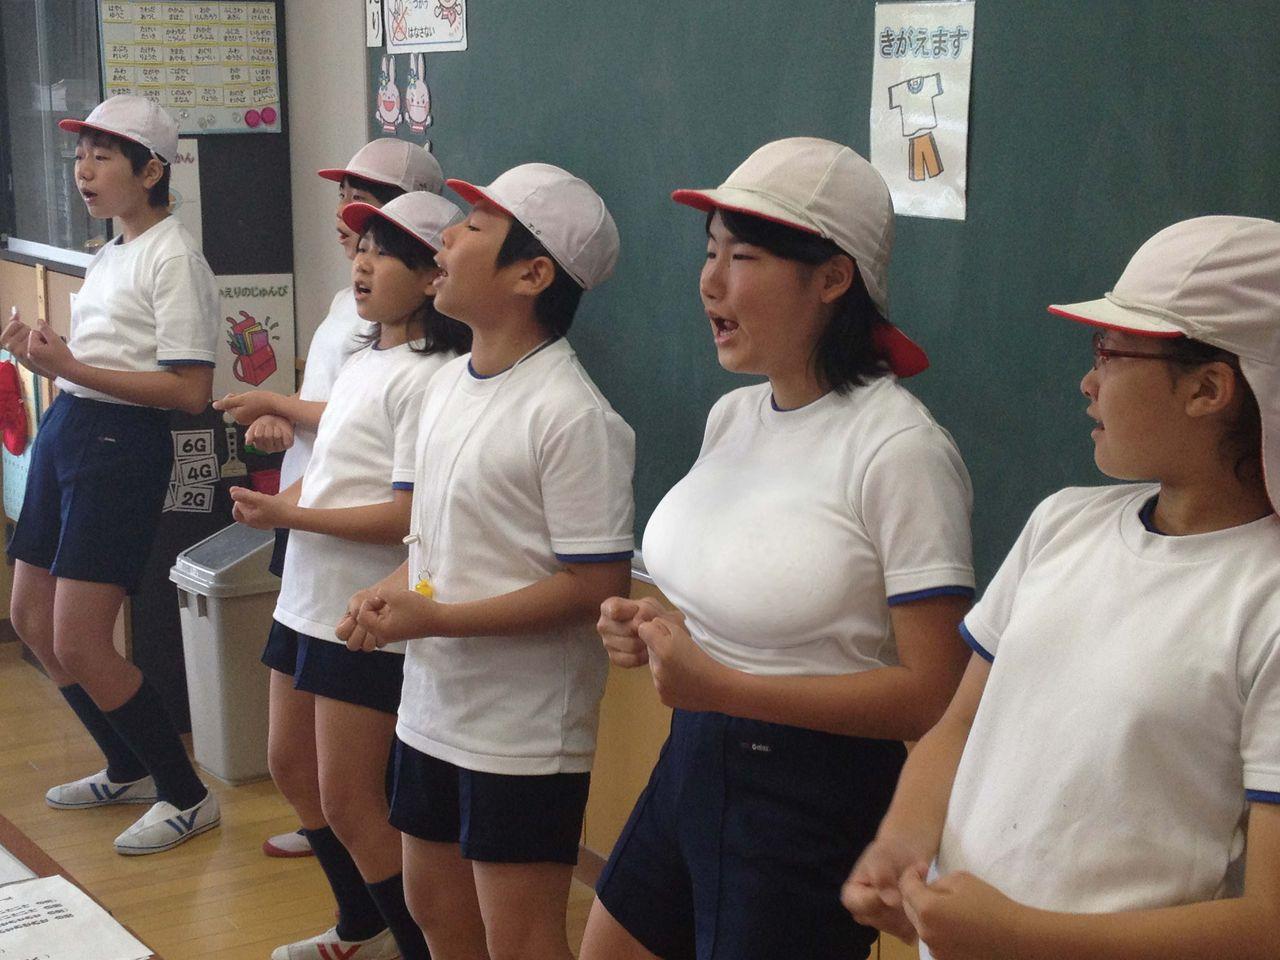 体操着を着た爆乳の女子小学生(JS)